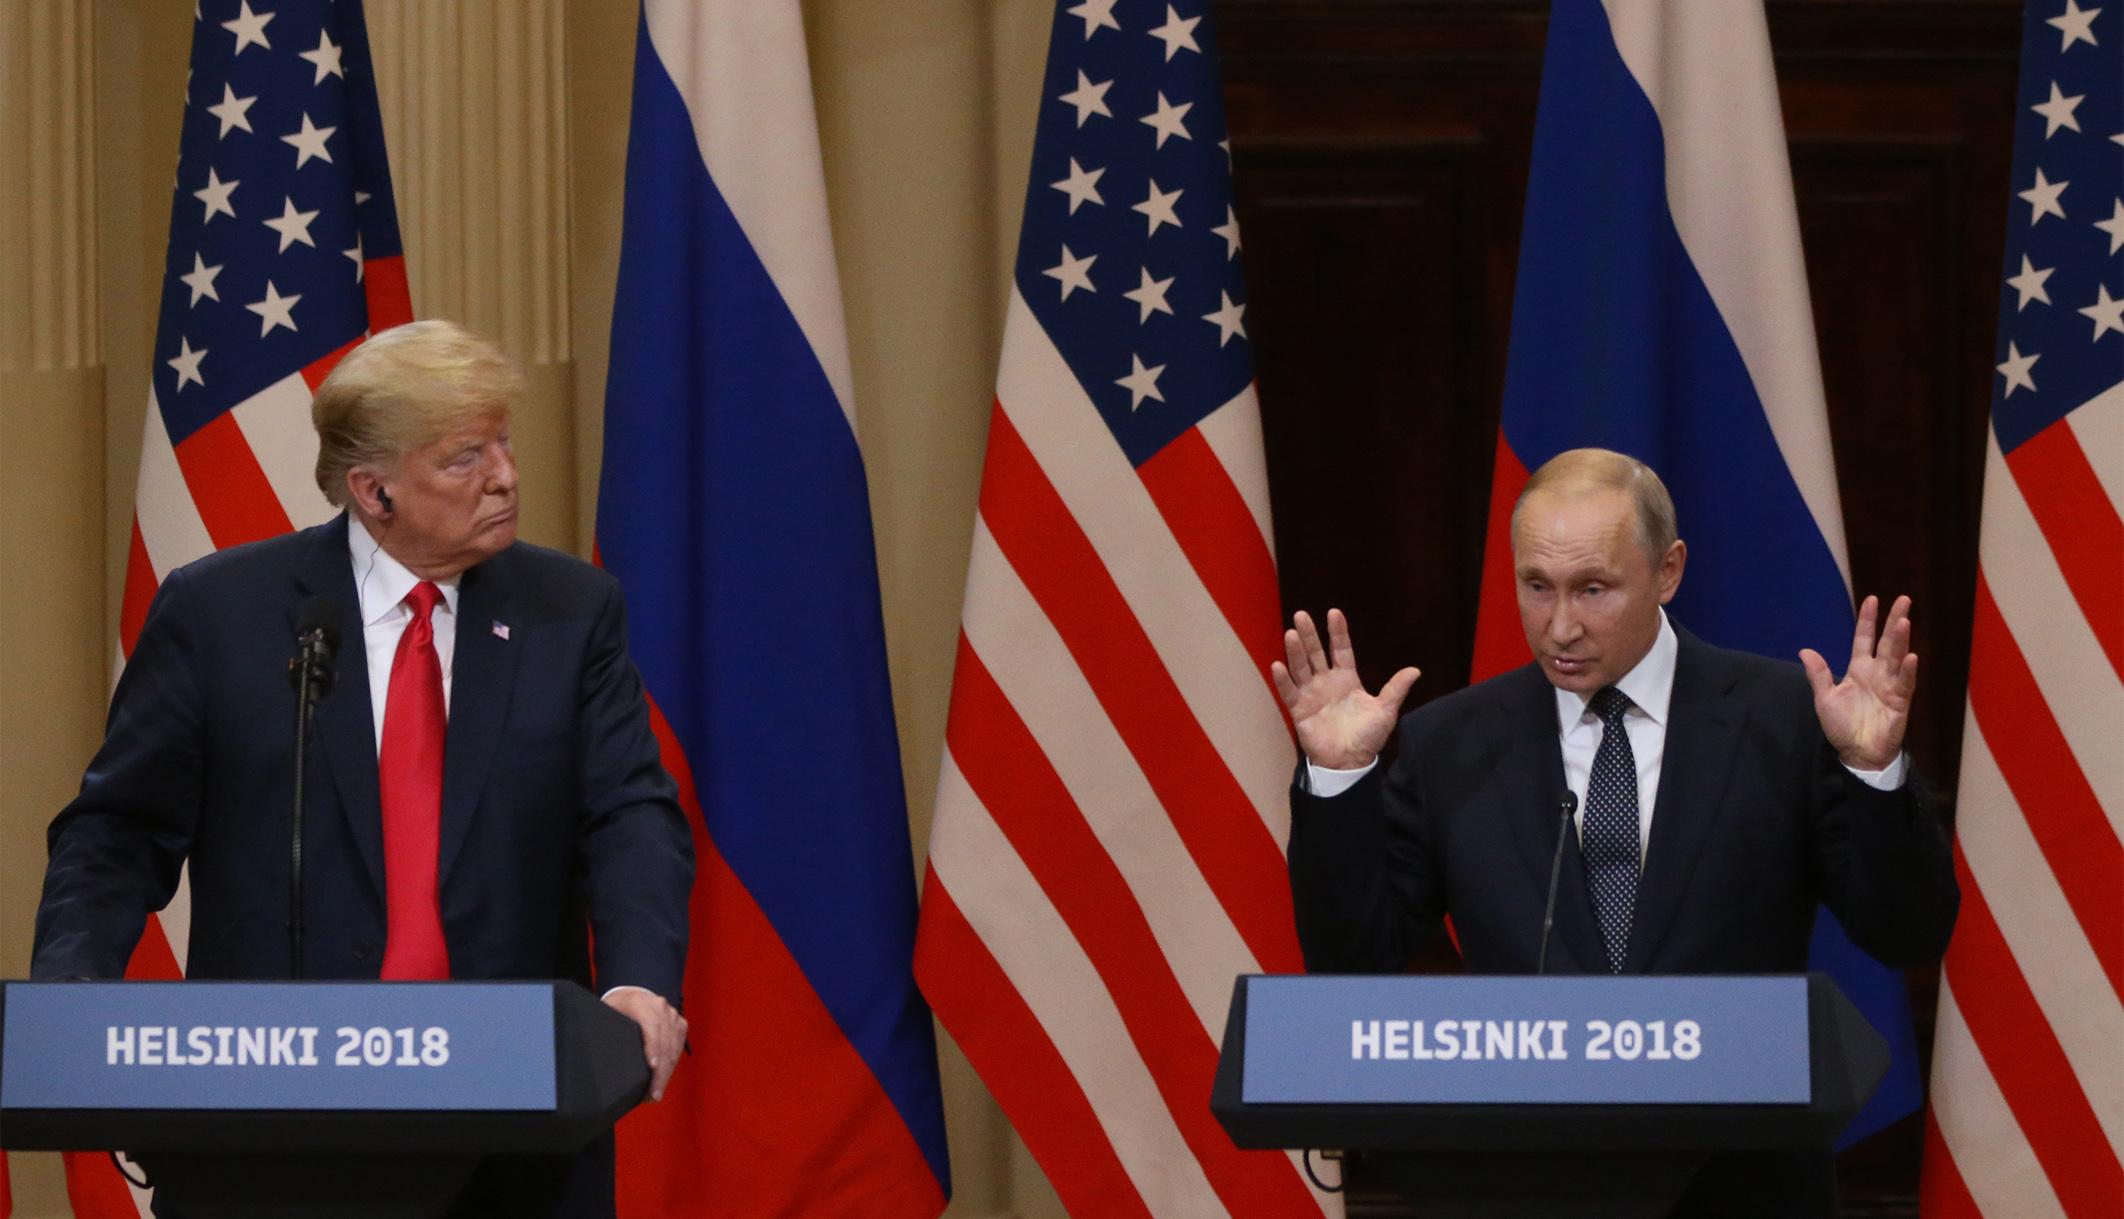 Είναι ο Ομοφοβικός βίντεο του Trump-Putin του New York Times; Μερικοί άνθρωποι το σκέφτονται